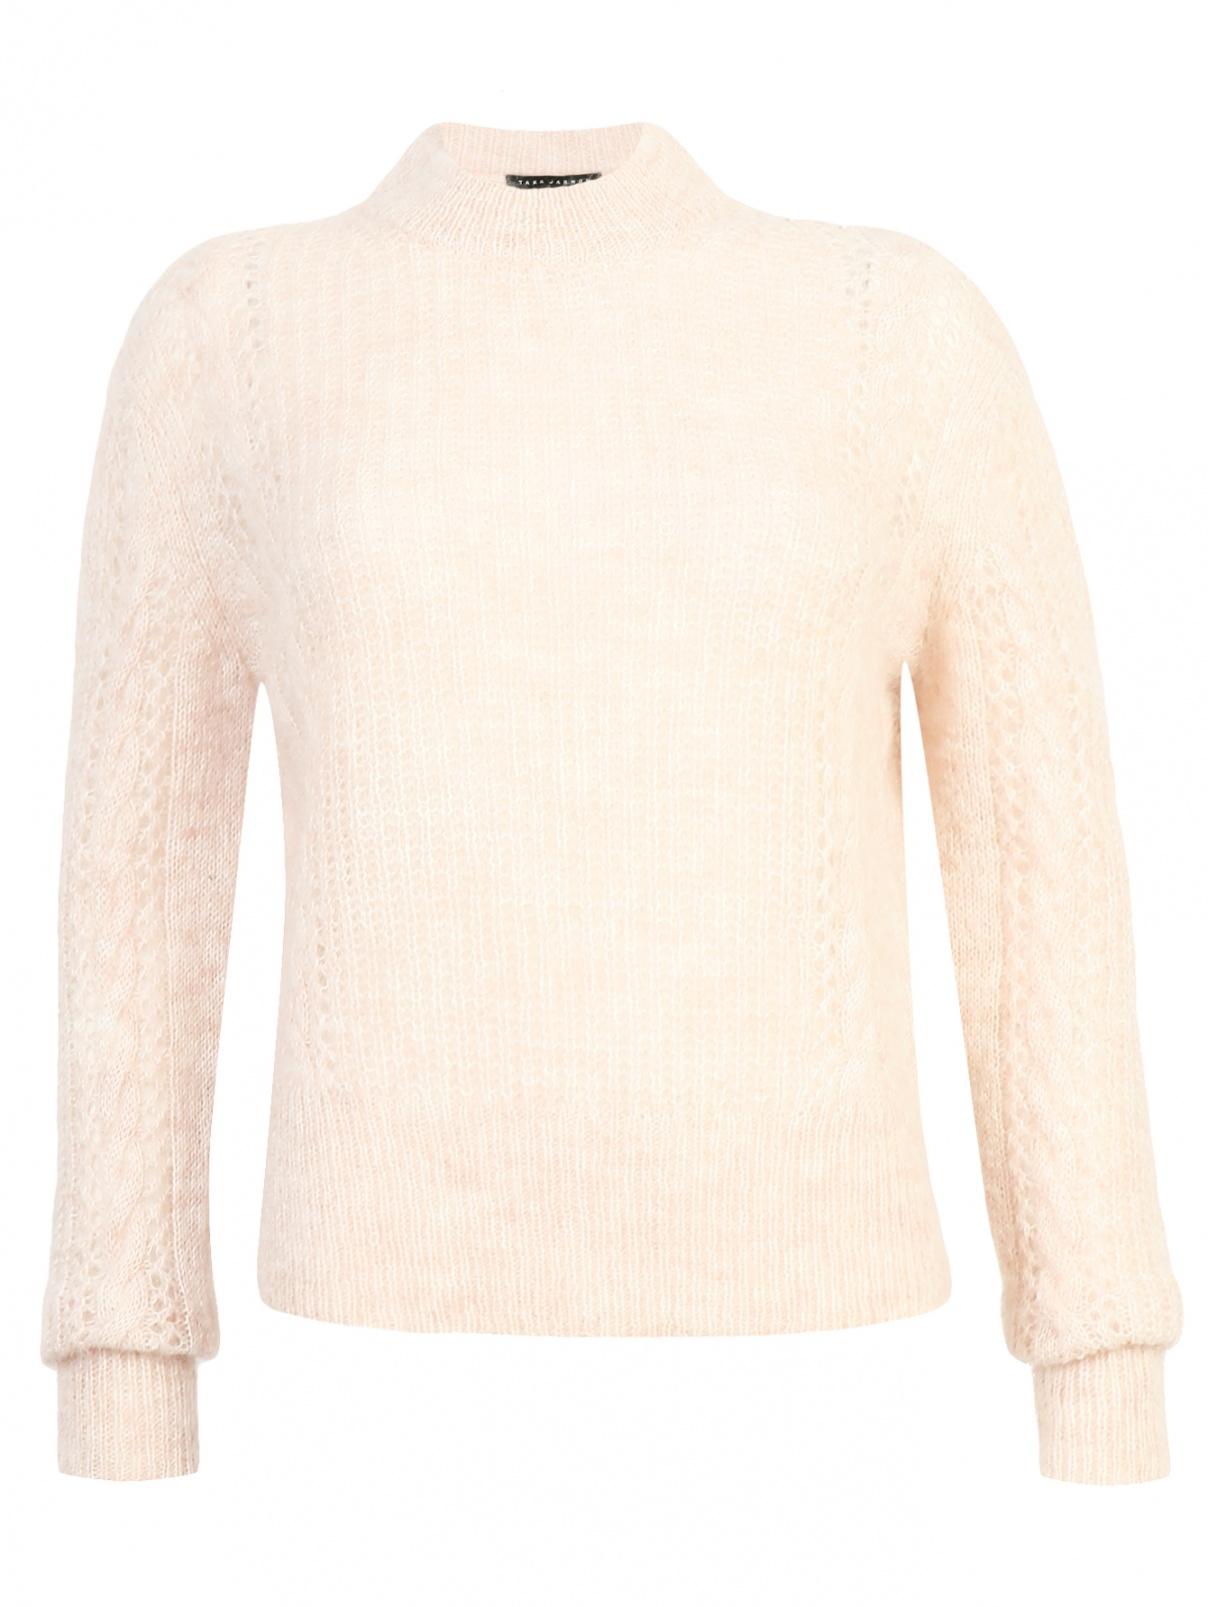 Джемпер из смешанной шерсти ажурной вязки Tara Jarmon  –  Общий вид